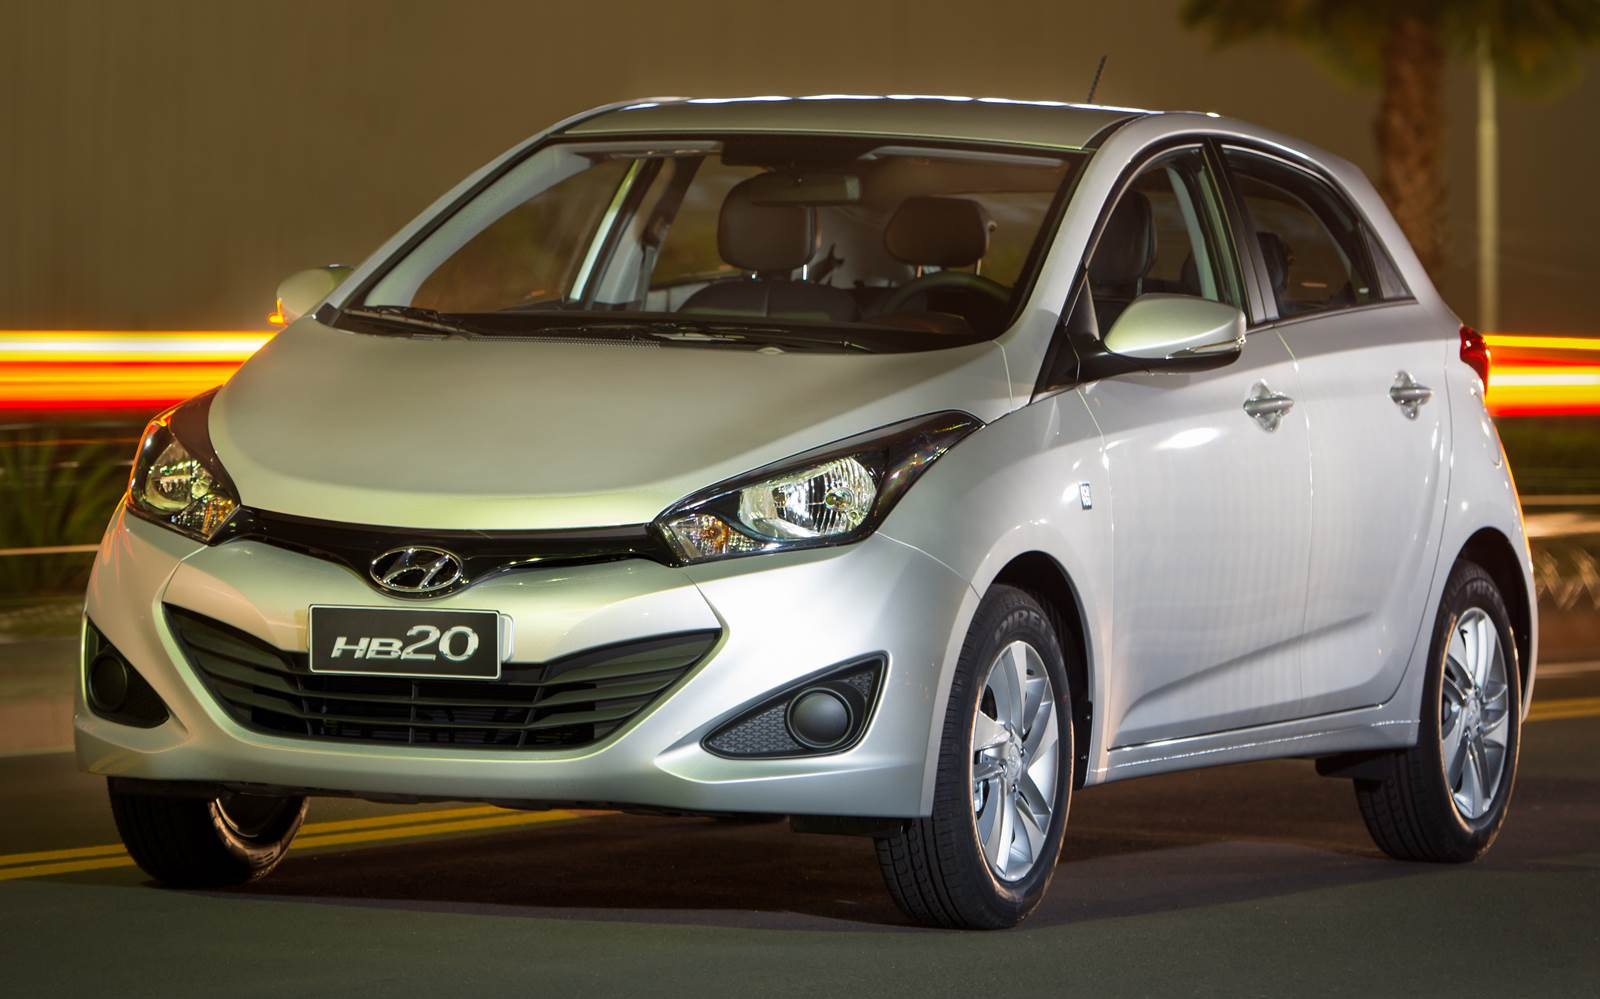 Hyundai HB20 - Compra Certa